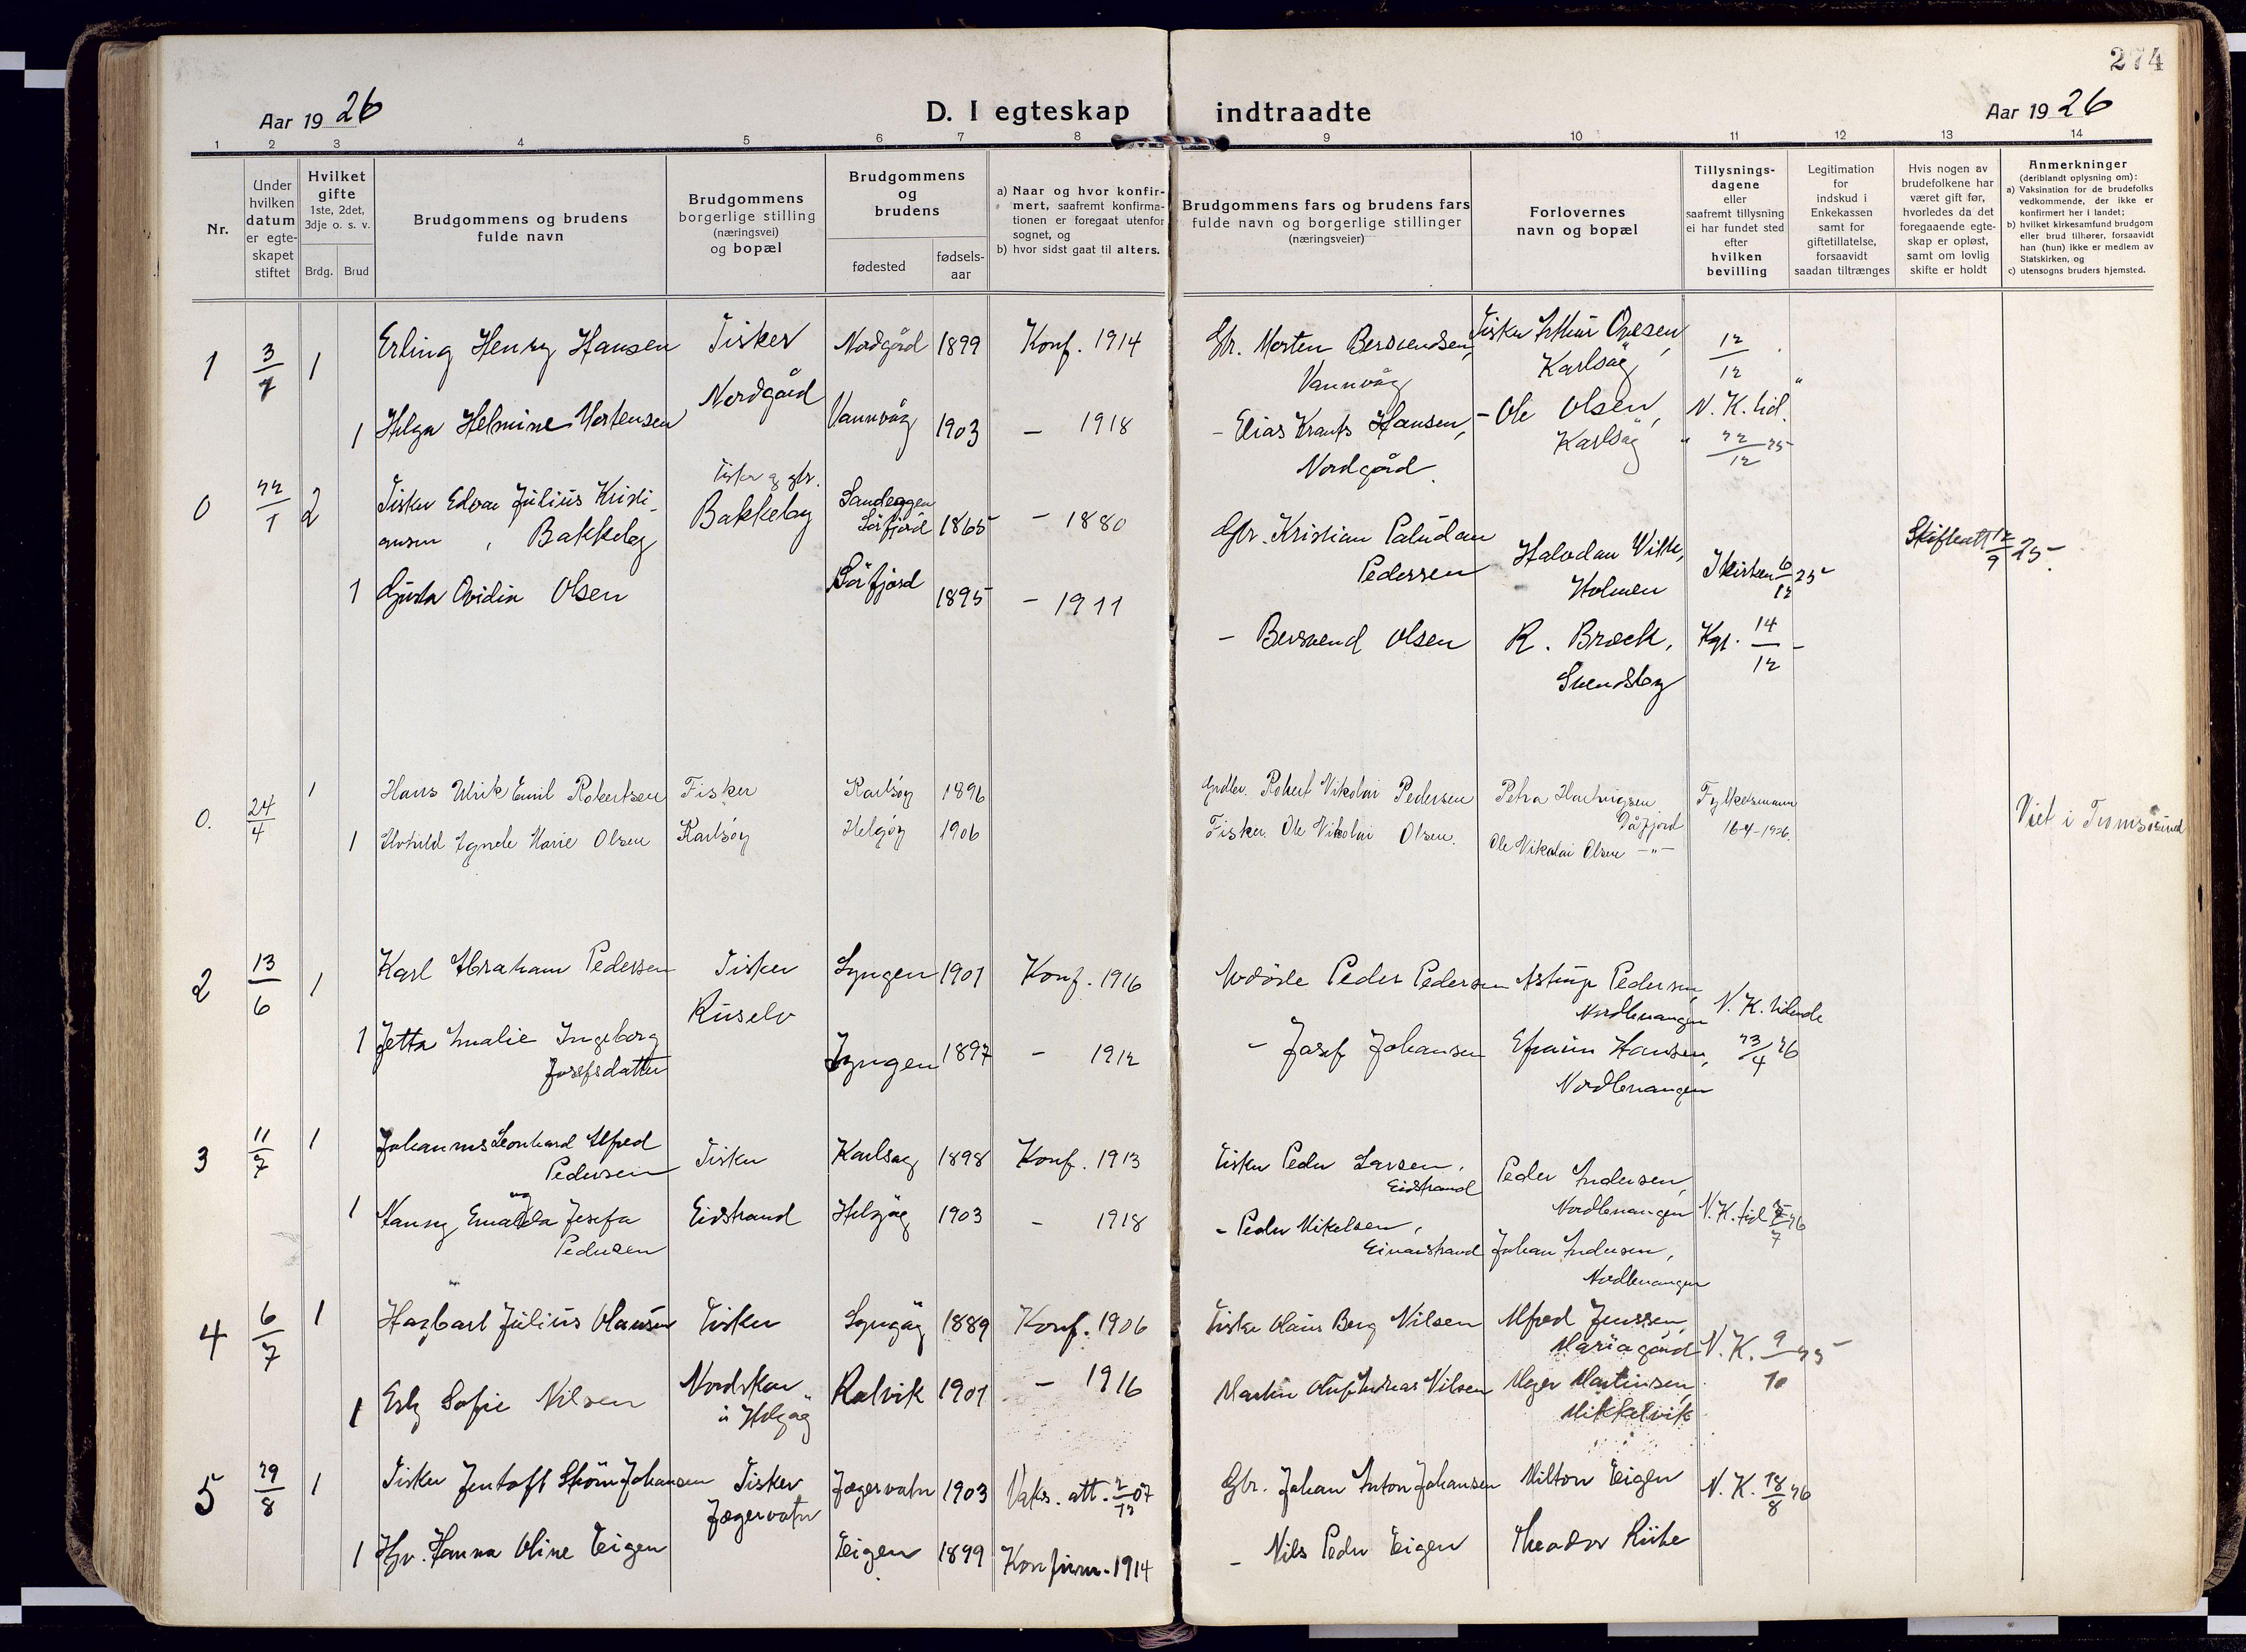 SATØ, Karlsøy sokneprestembete, Ministerialbok nr. 15, 1918-1929, s. 274